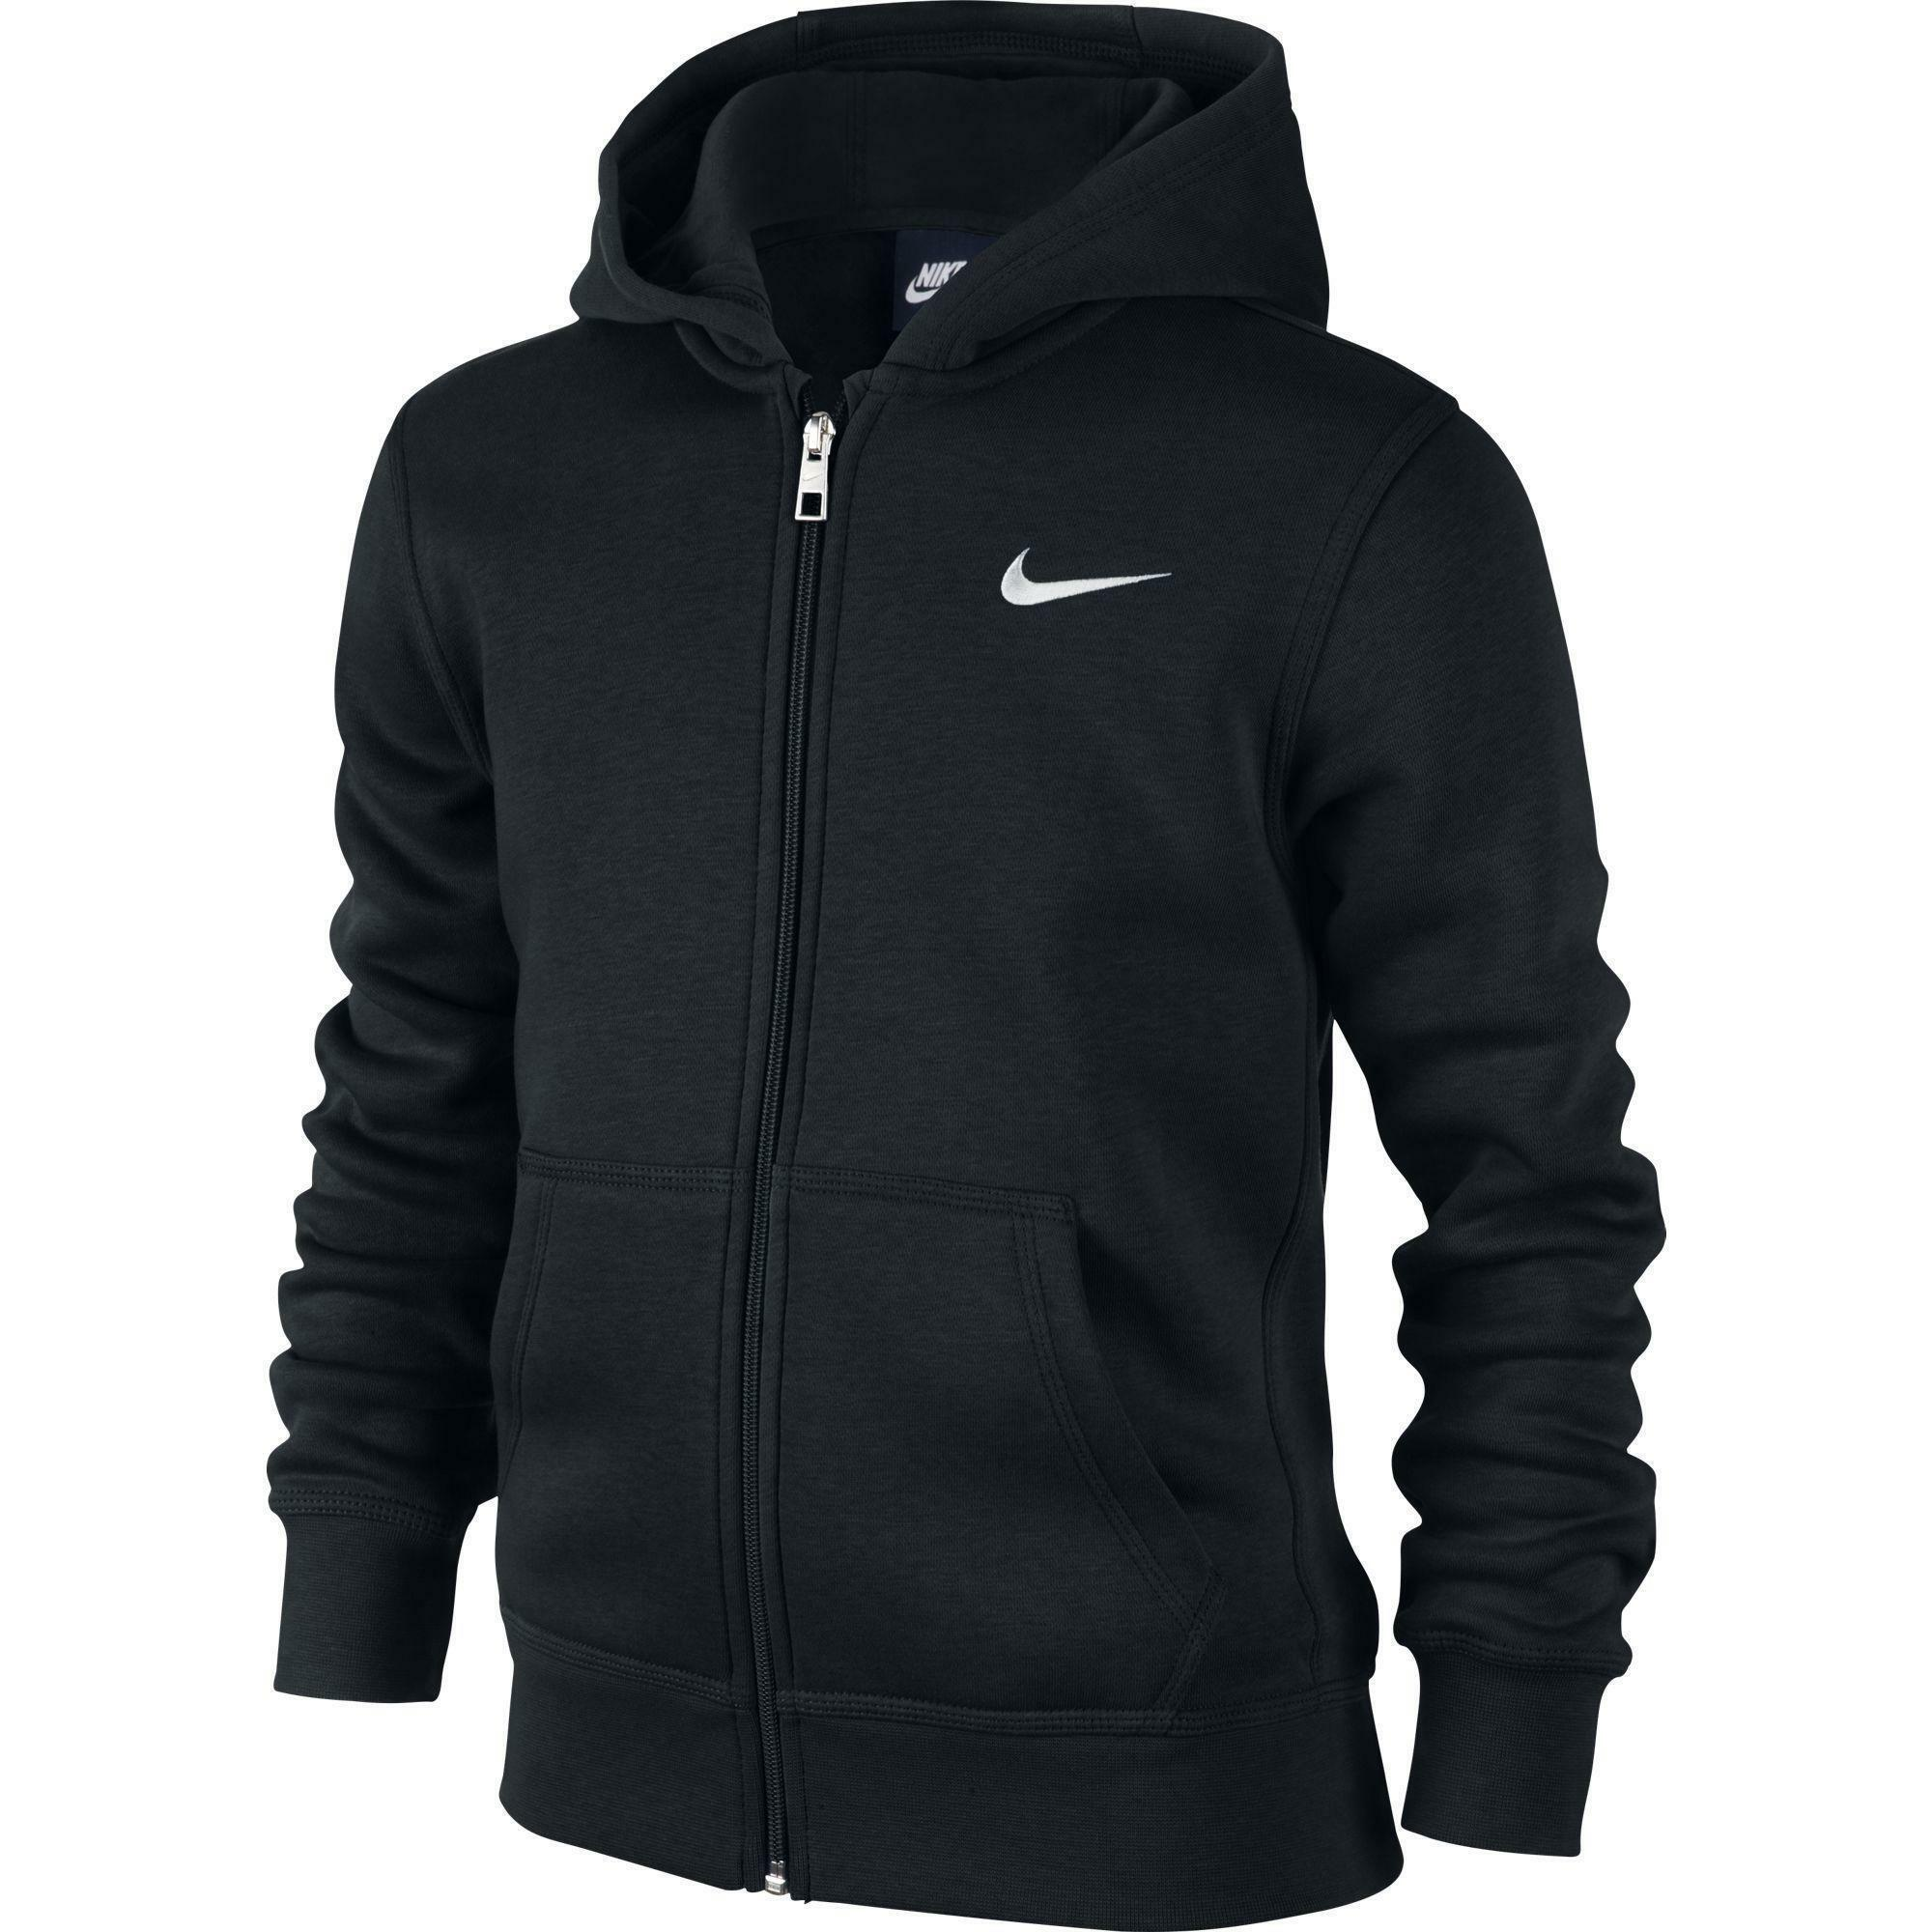 nike giacchetto felpato bambino nero 619069